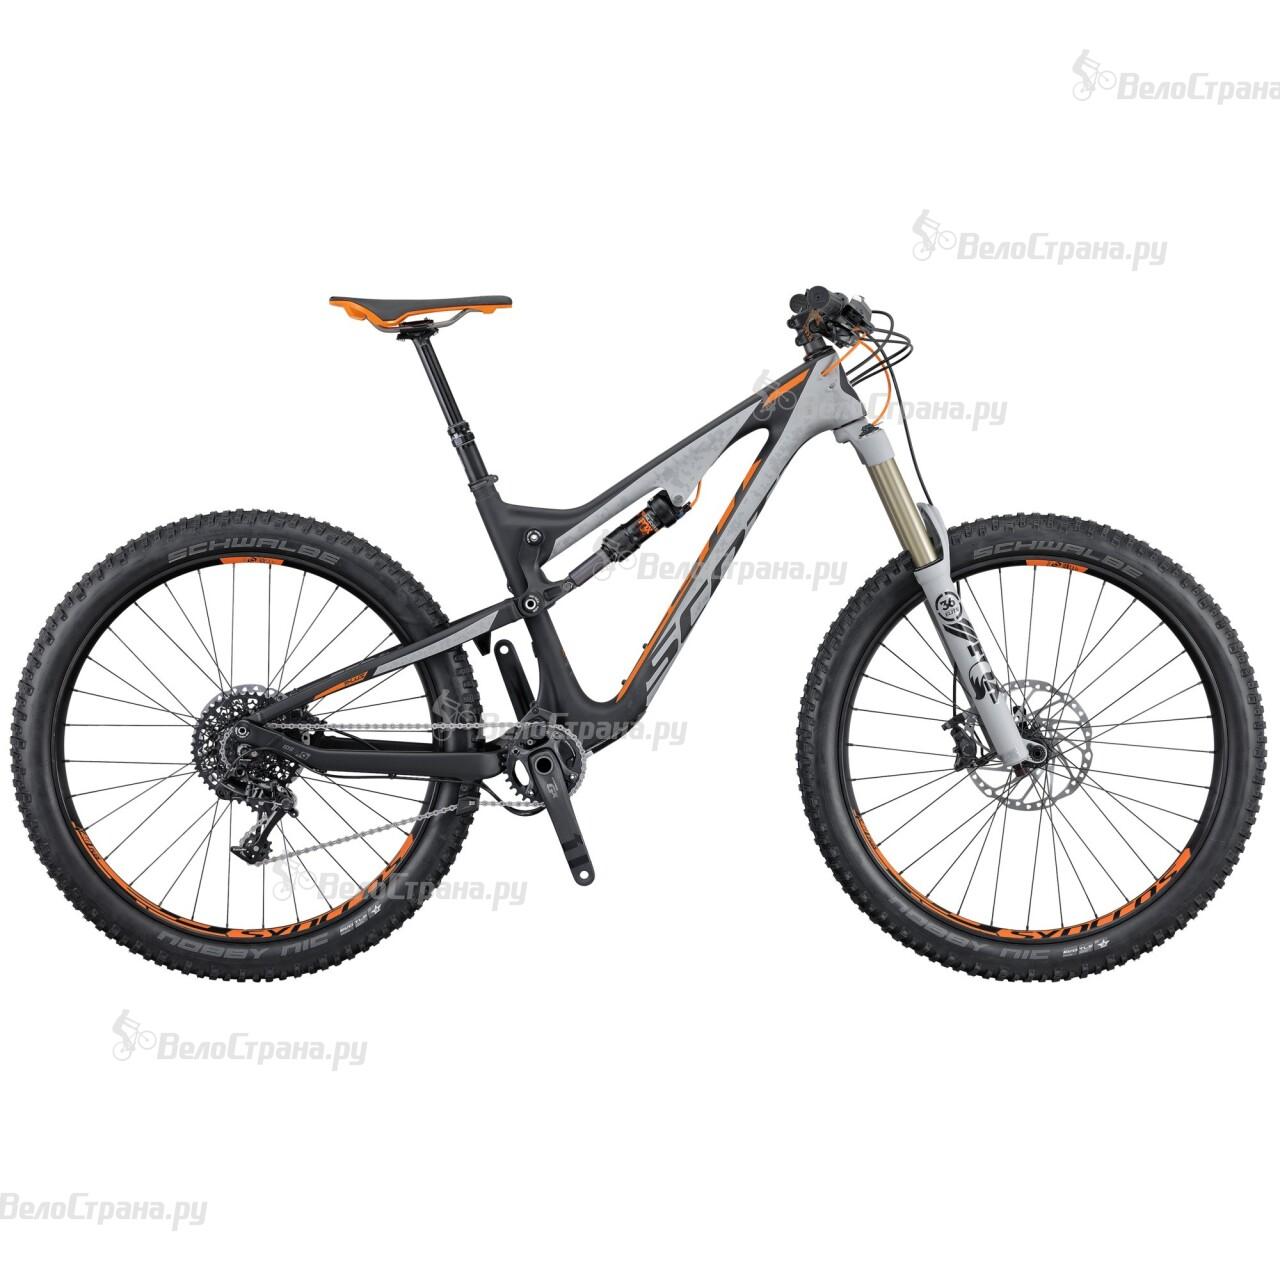 Велосипед Scott Genius LT 710 Plus (2016) genius hs 300a silver